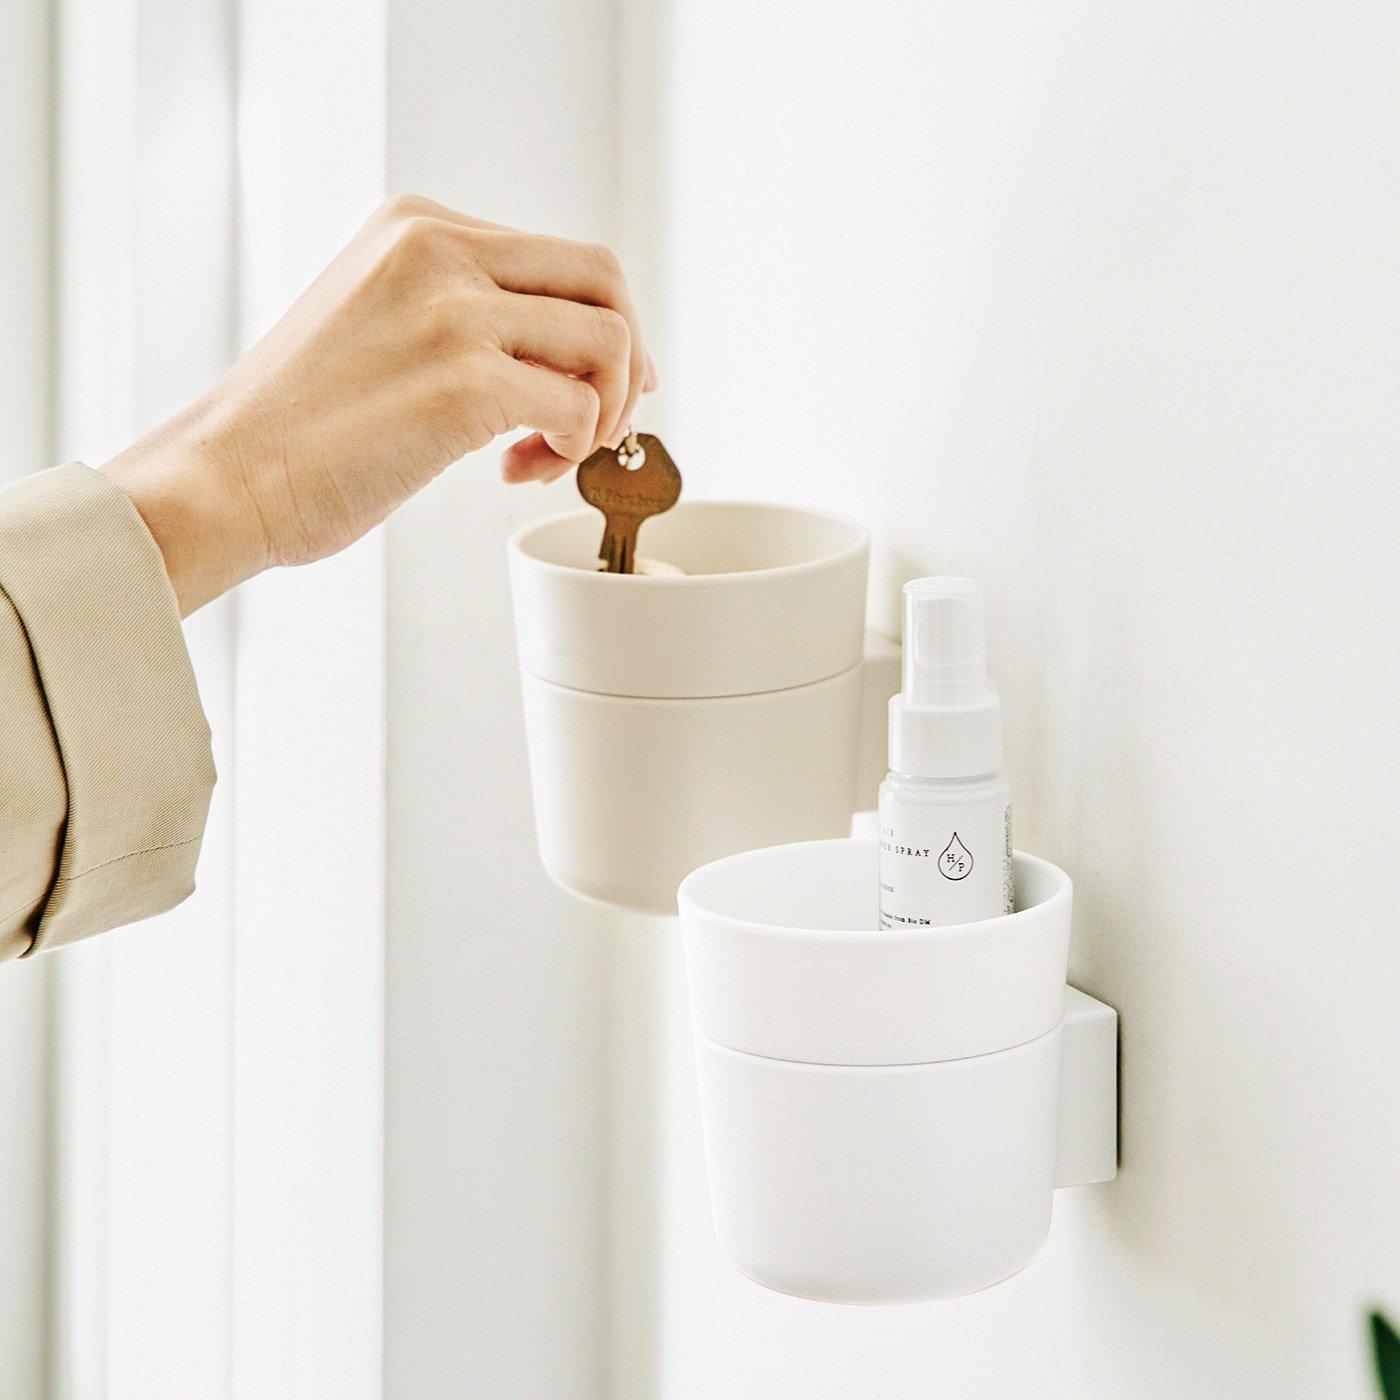 壁に簡単取り付け 小物を浮かせて収納できる2段ポットの会